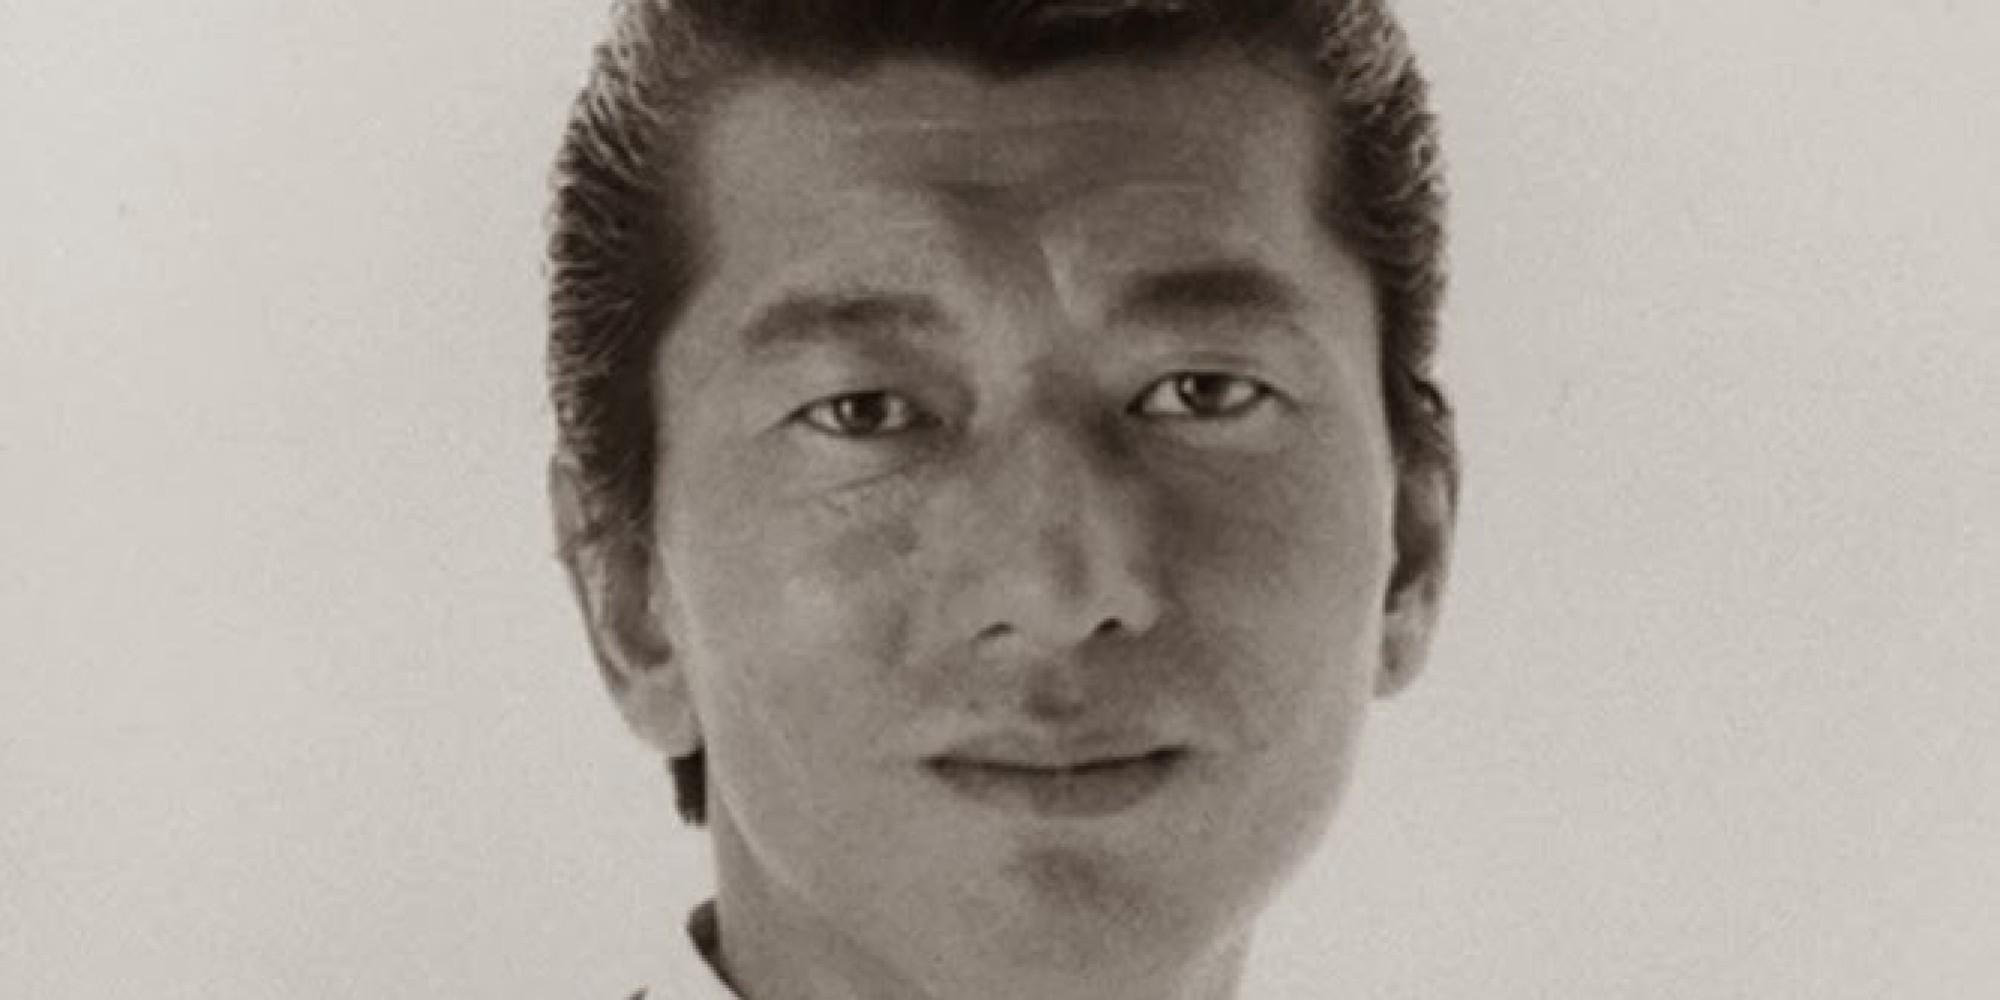 三浦洋一 (俳優)の画像 p1_5